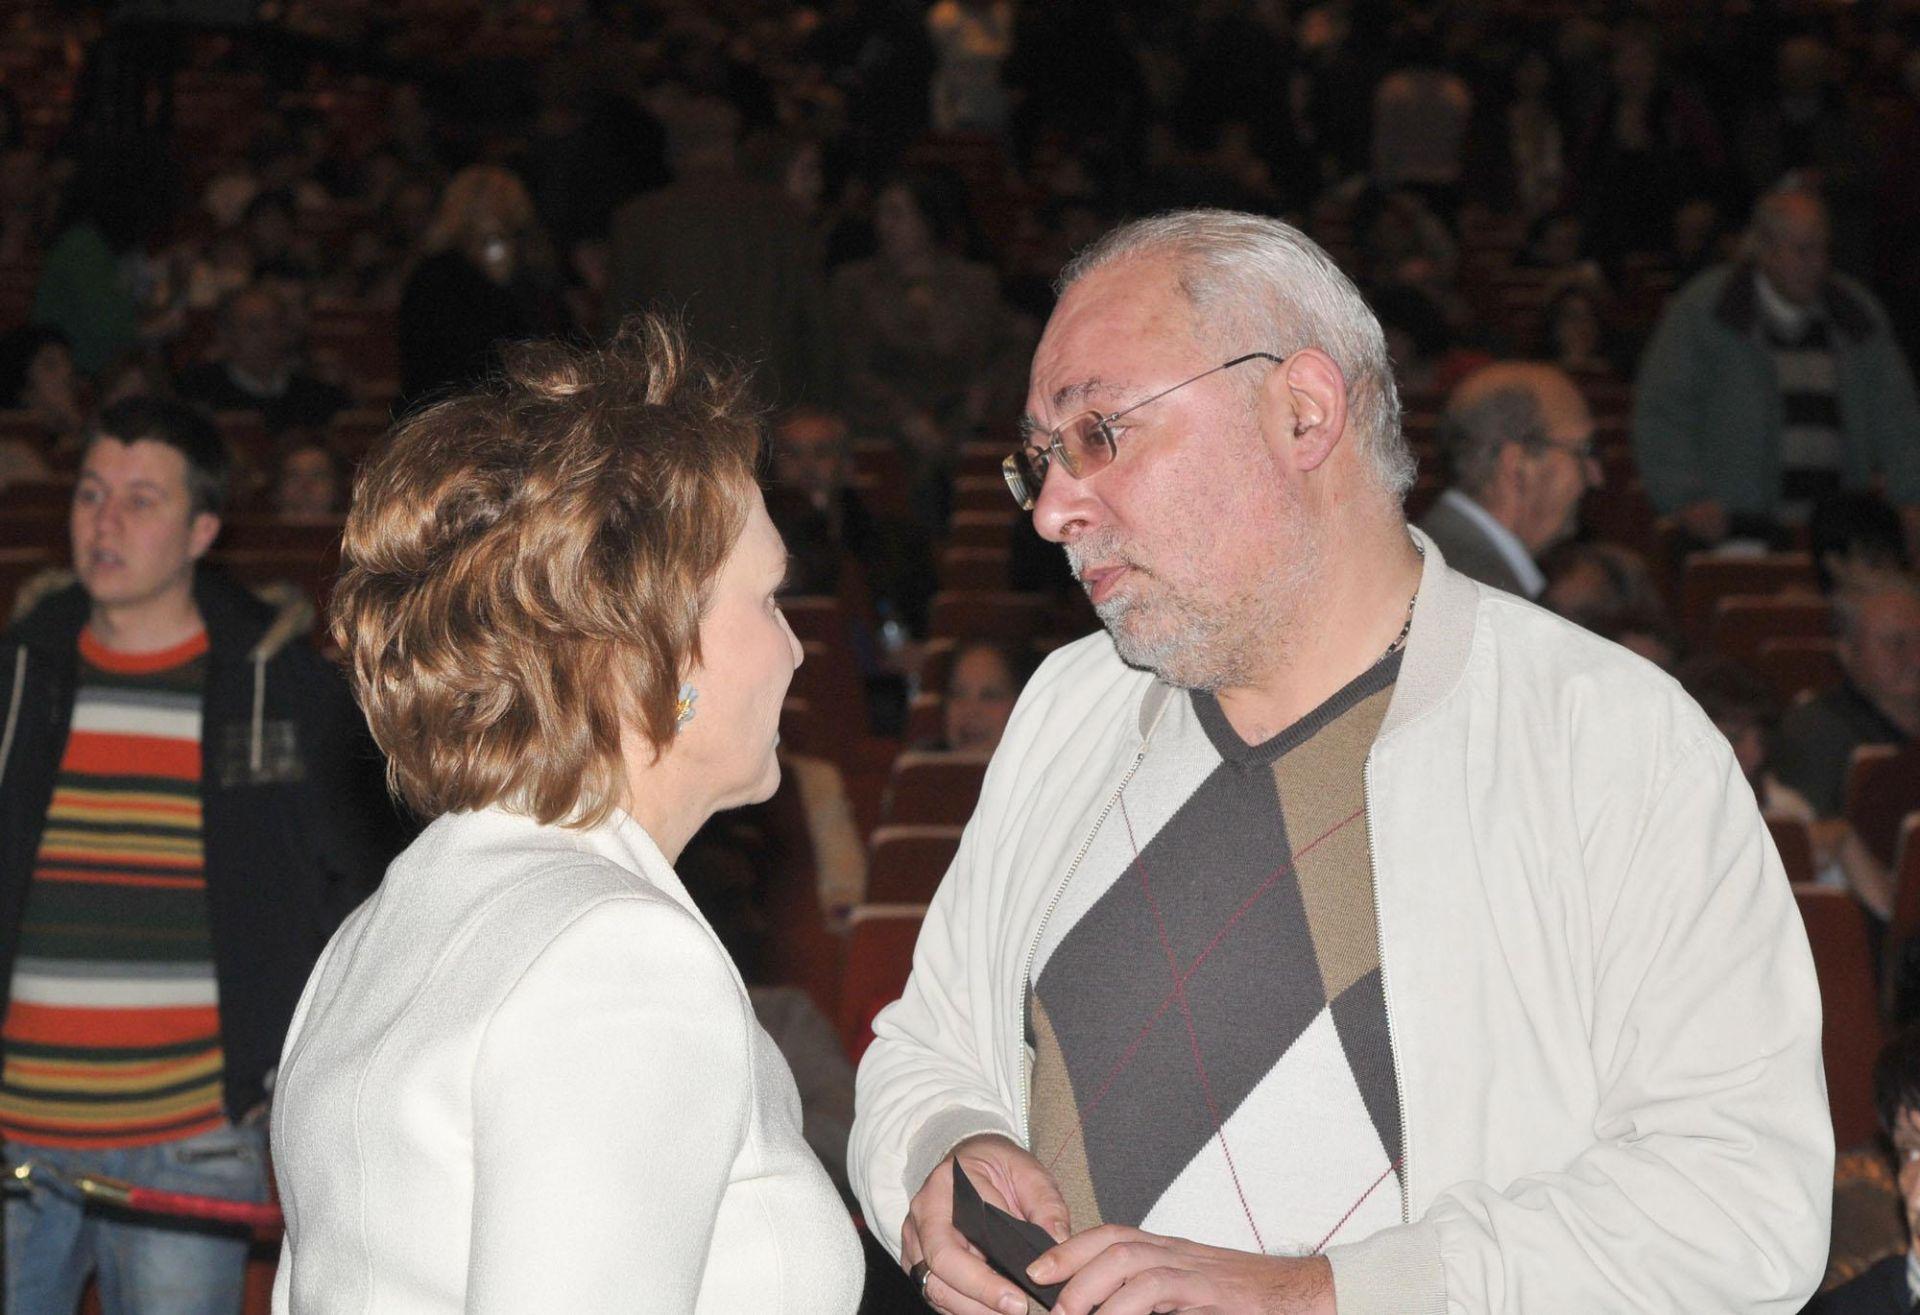 """12 декември 2009 г. - Силва Зурлева разговаря със собственика на """"Дарик"""" Радосвет Радев по време на юбилейния концерт на Стефан Димитров в зала 1 на НДК"""